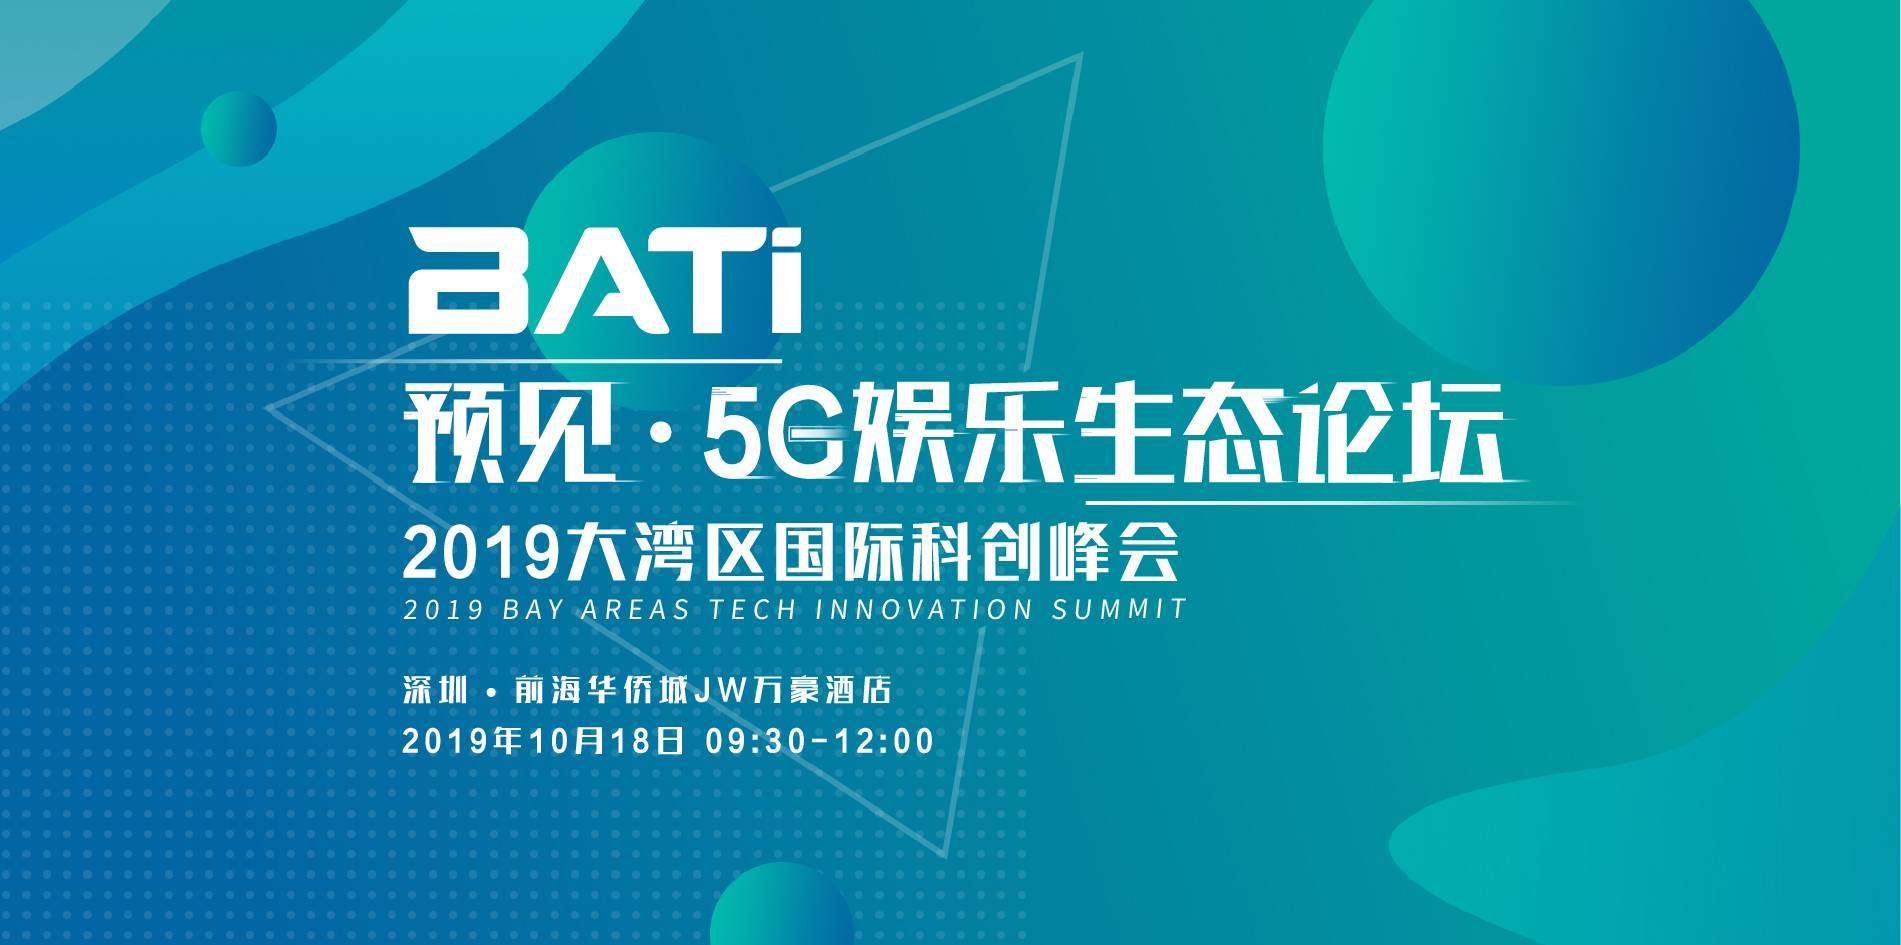 【活动】预见·5G娱乐生态论坛-中乐彩彩票